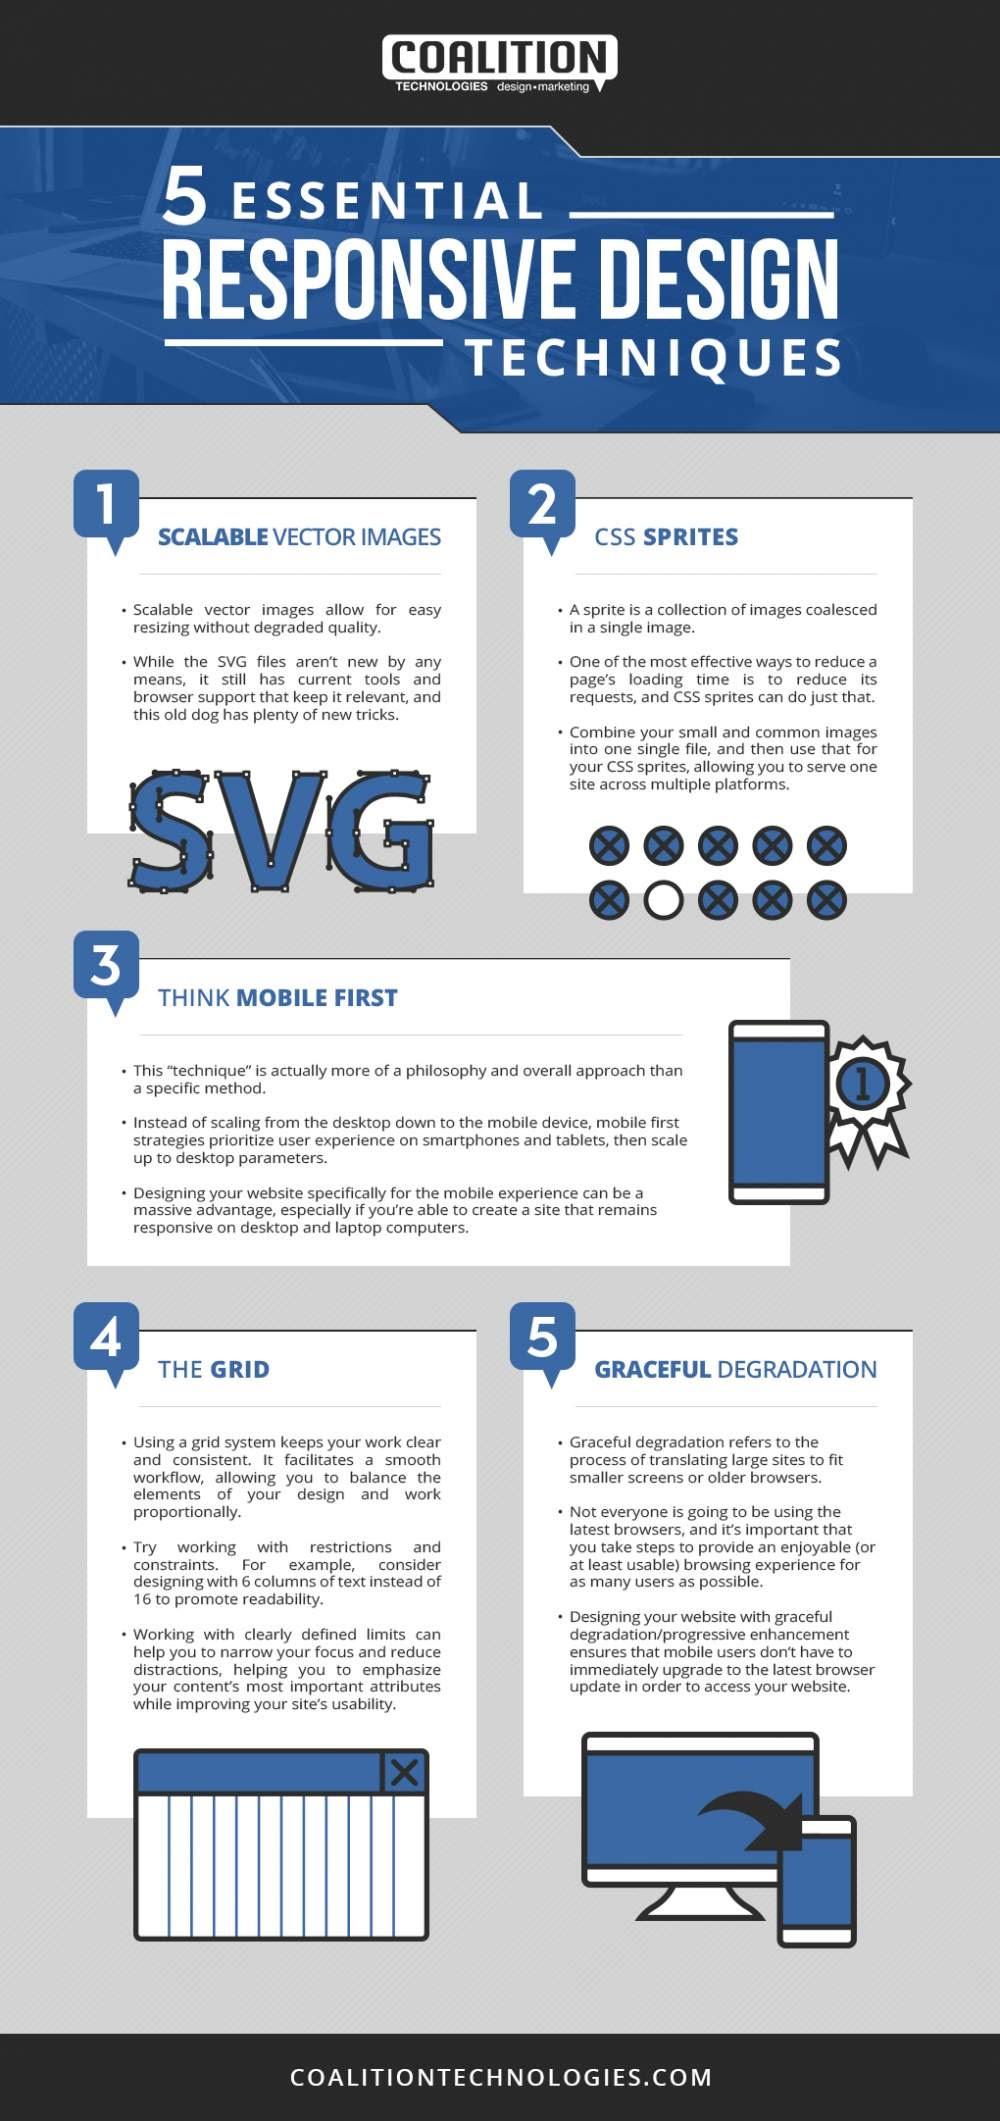 5 Essential Responsive Design Techniques #infographic